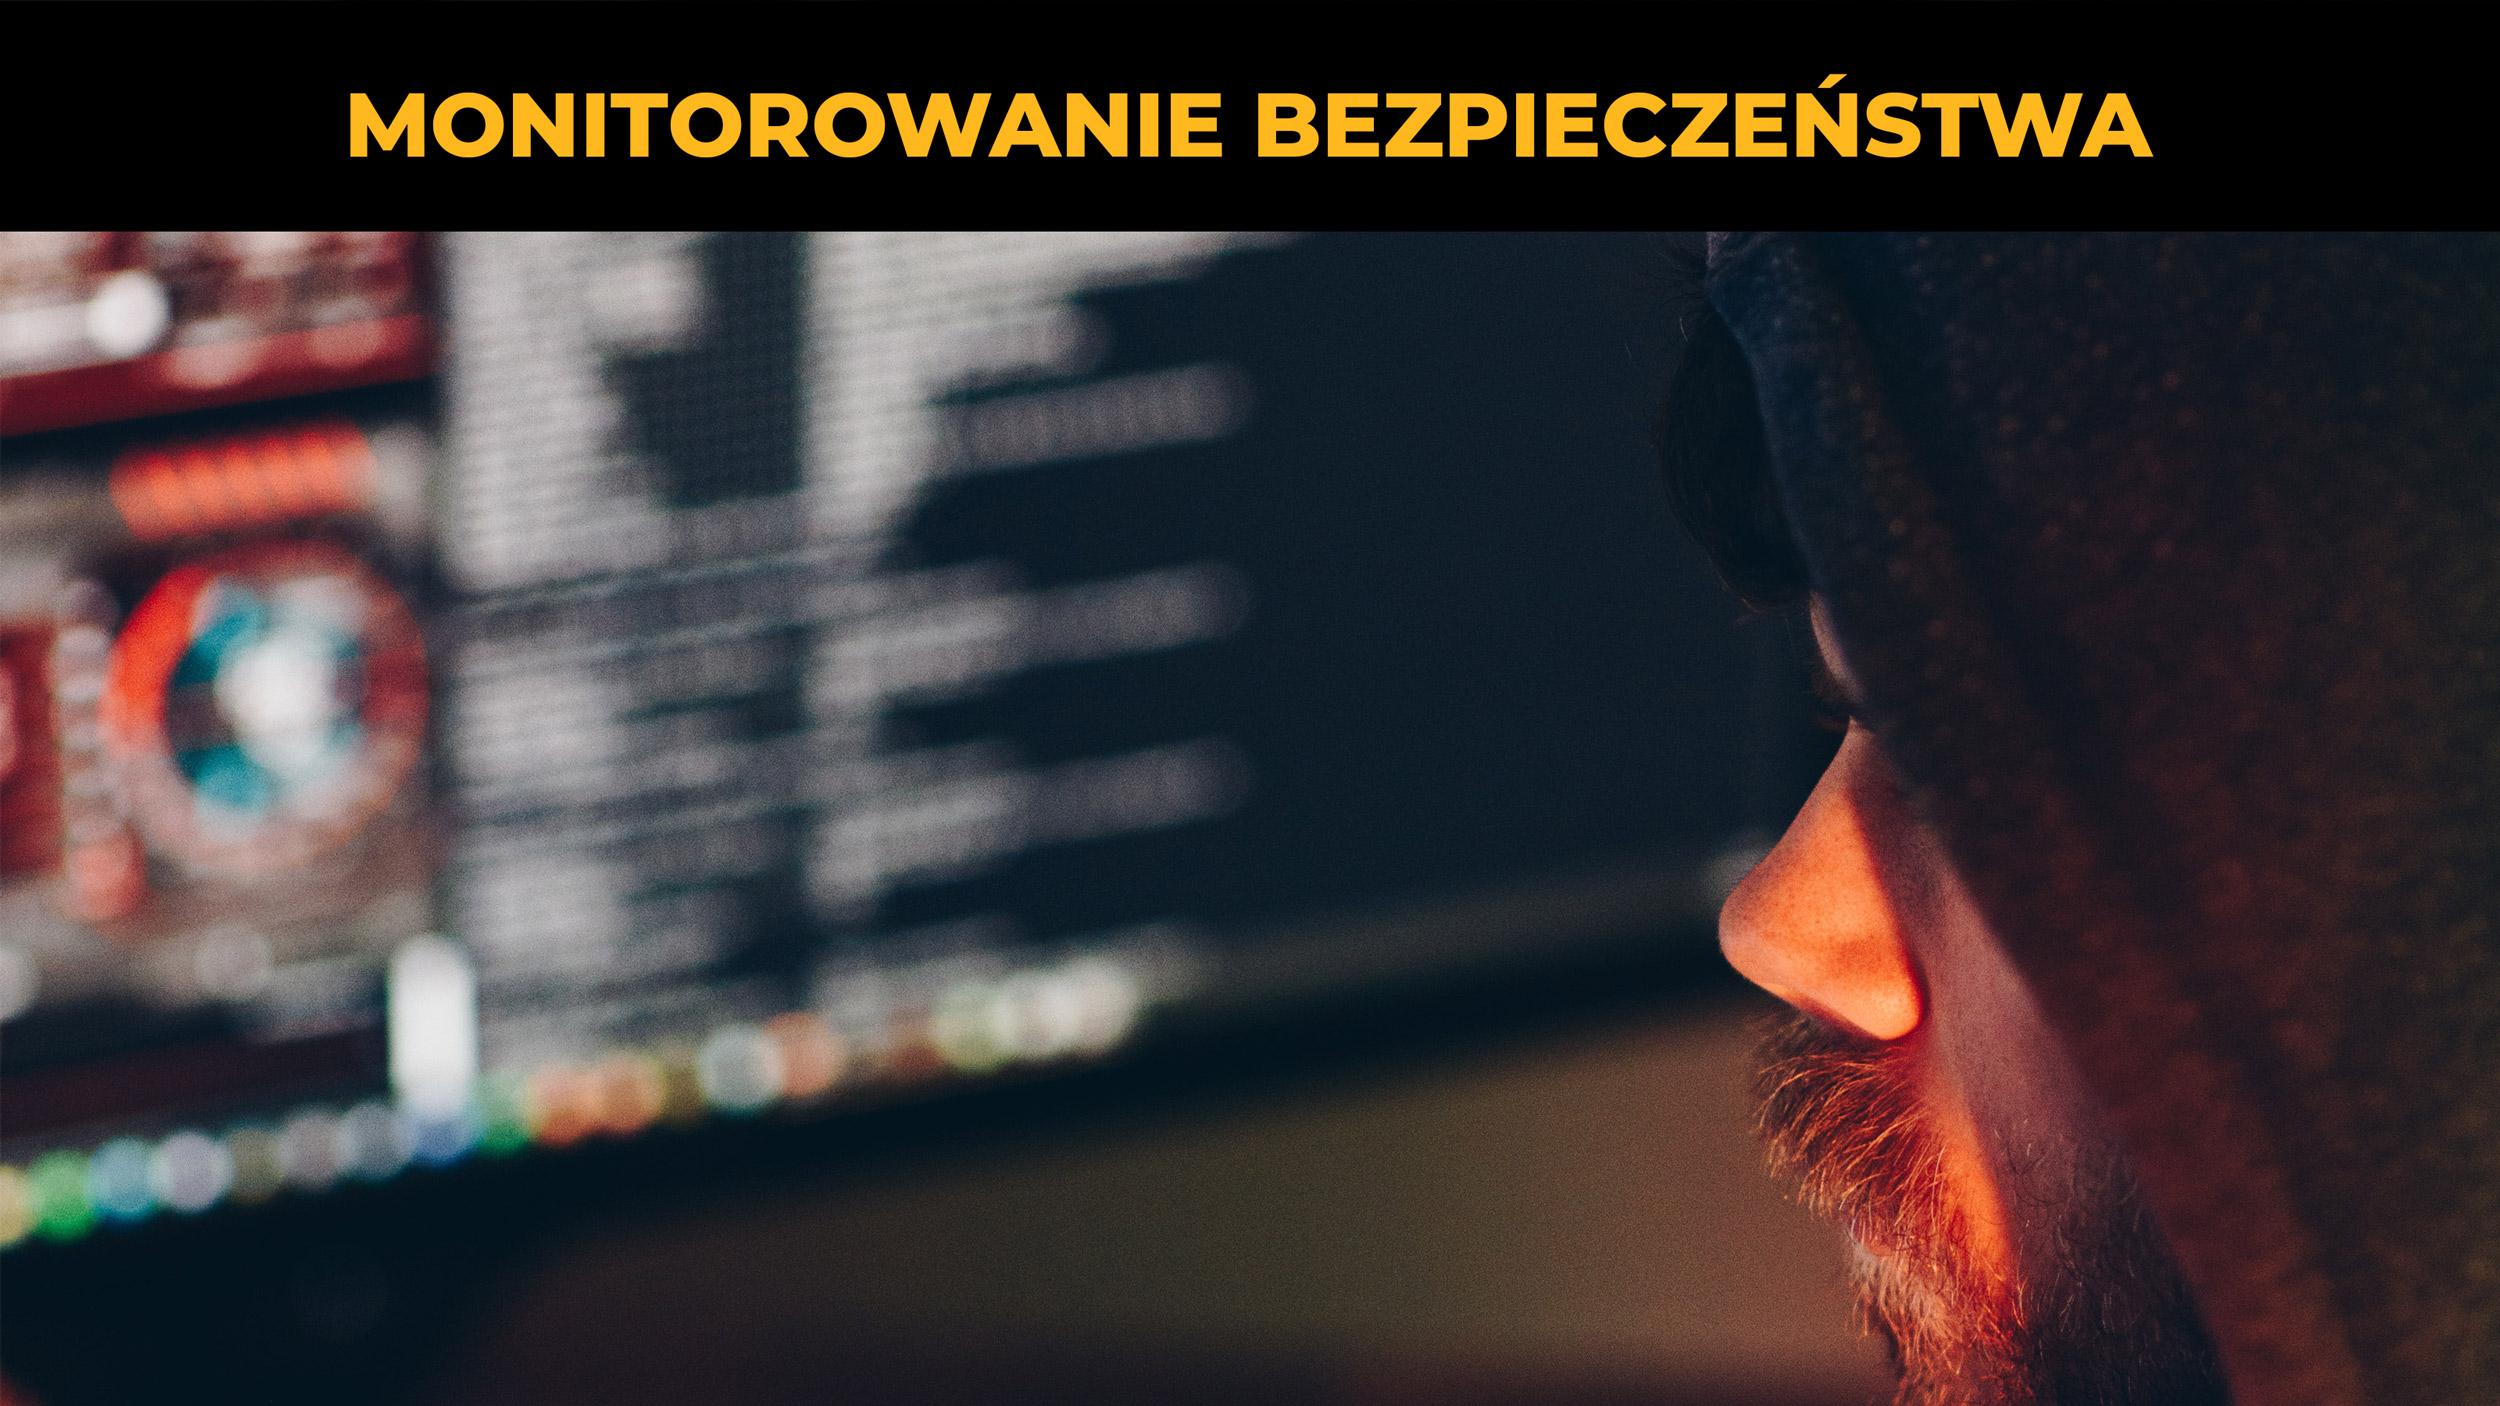 Szkolenie z monitorowania bezpieczeństwa teleinformatycznego